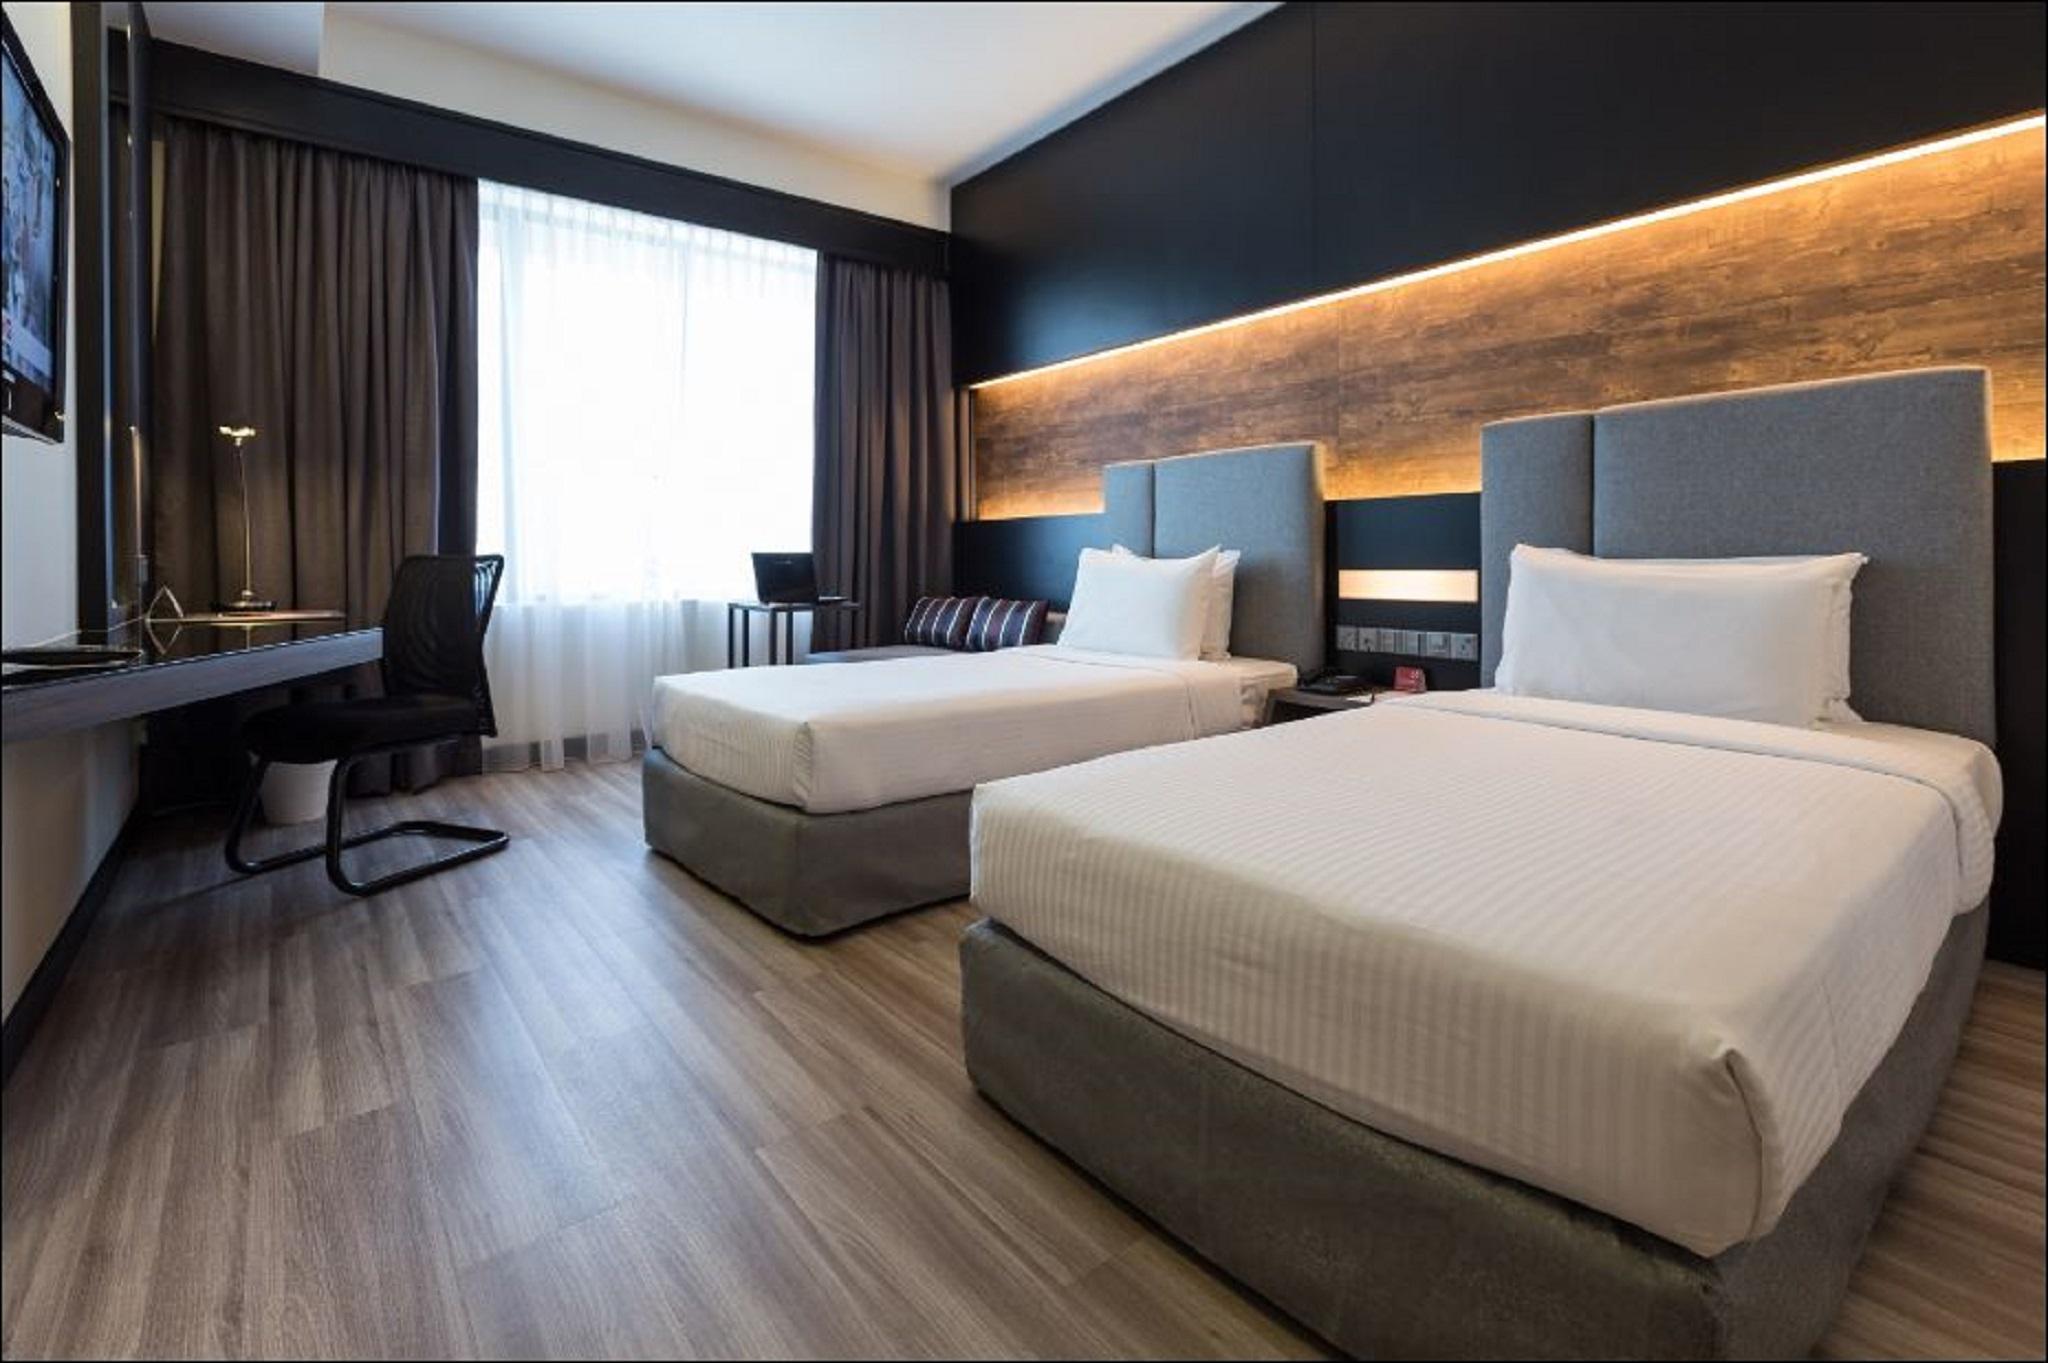 Hotel Armada Petaling Jaya, Kuala Lumpur